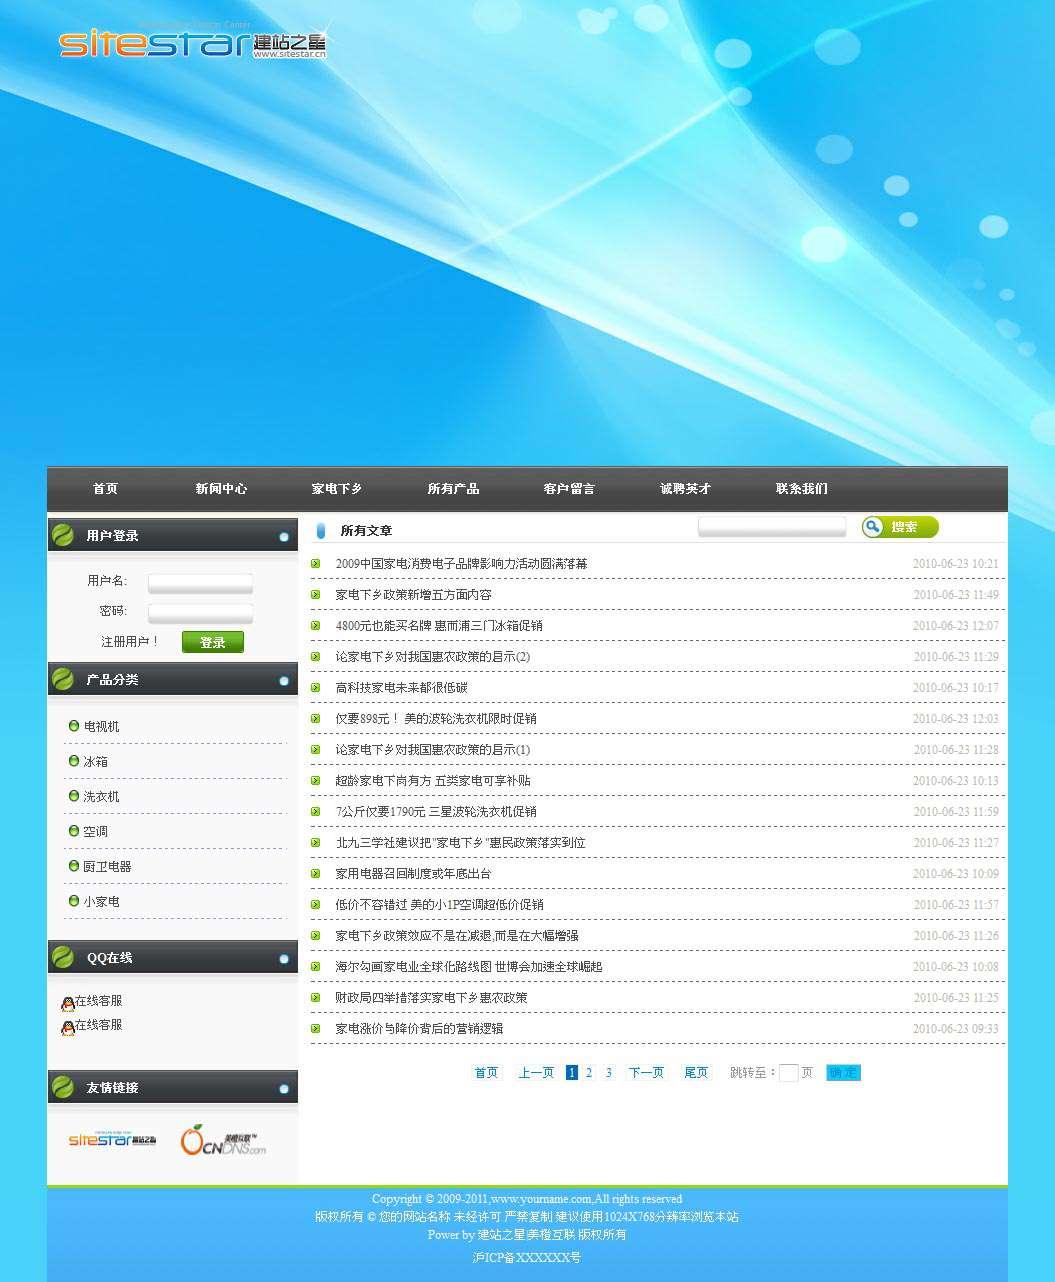 企业网站-家用电器A1模板列表页面